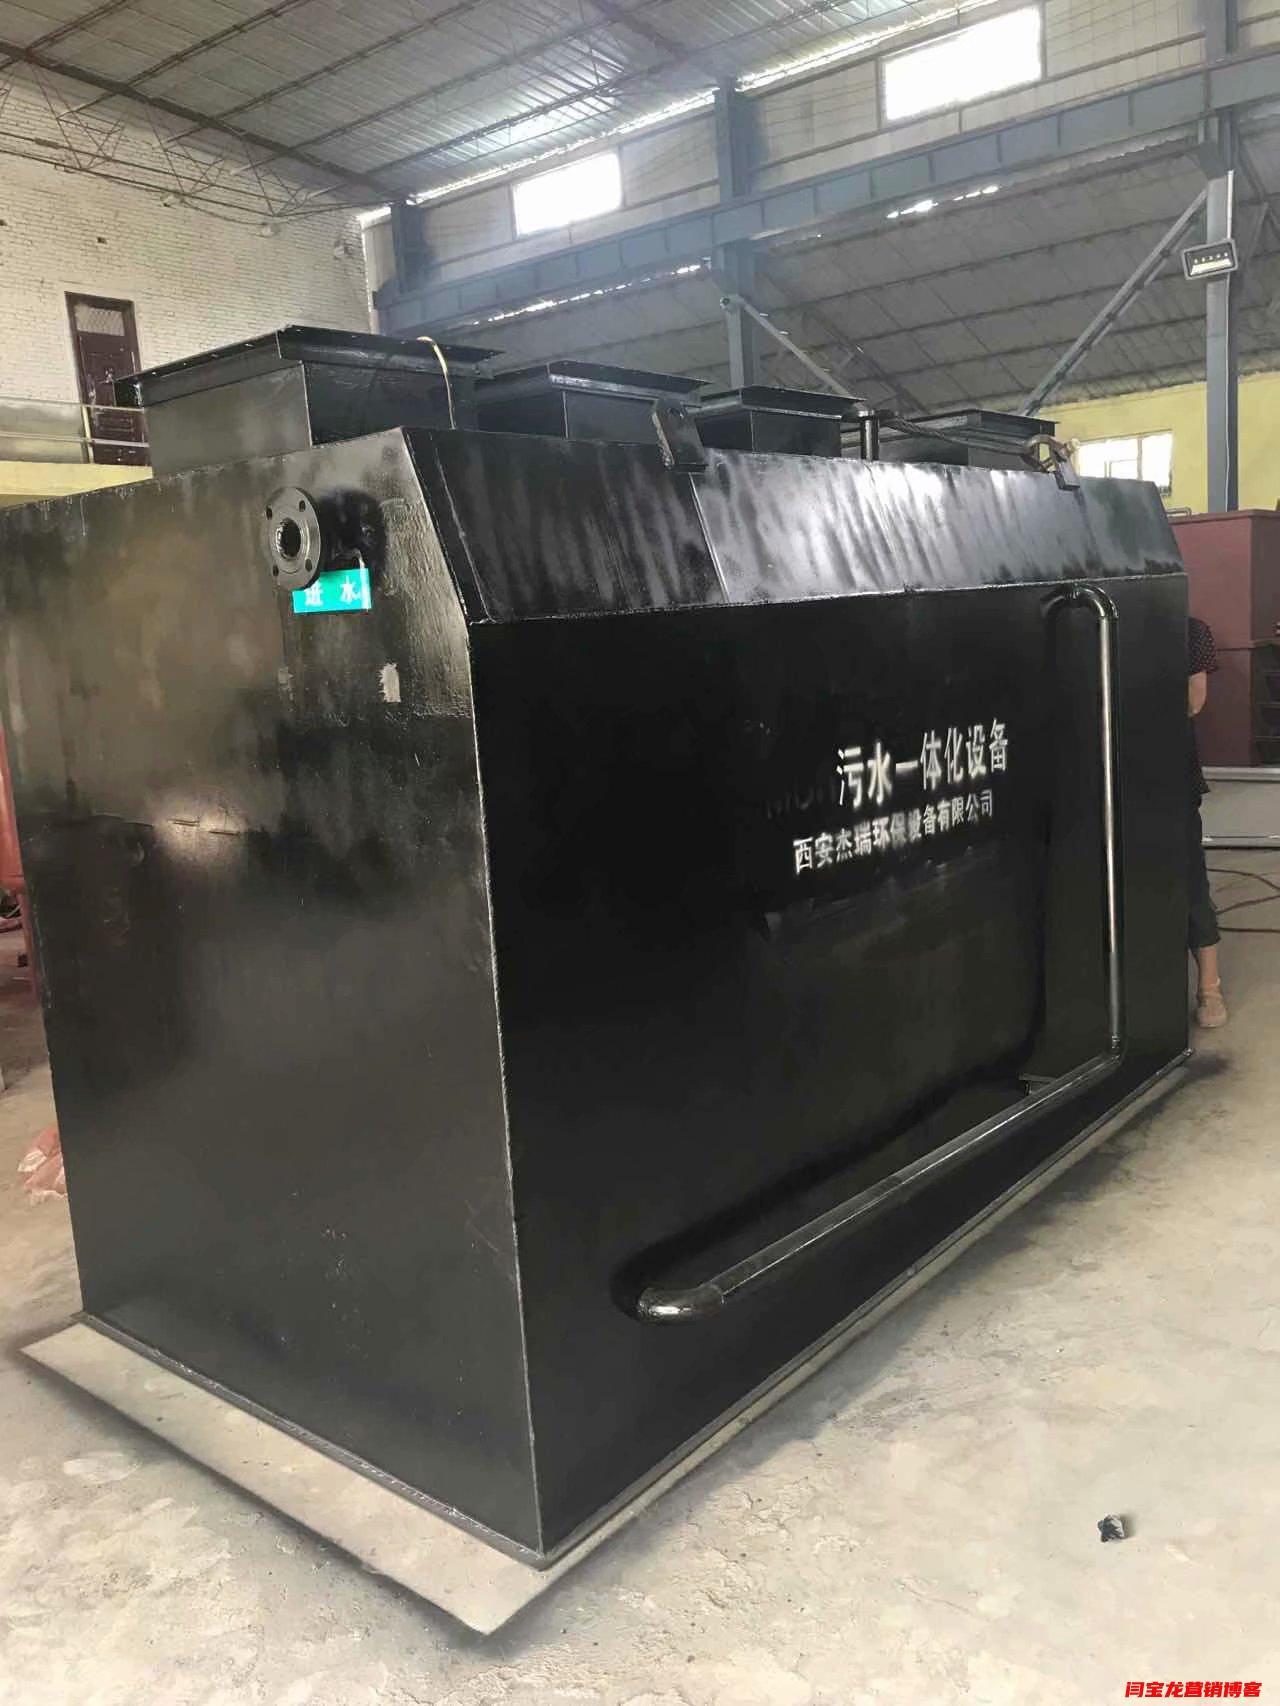 西安杰瑞环保分享电镀废水处理设备技术应用已经非常完善